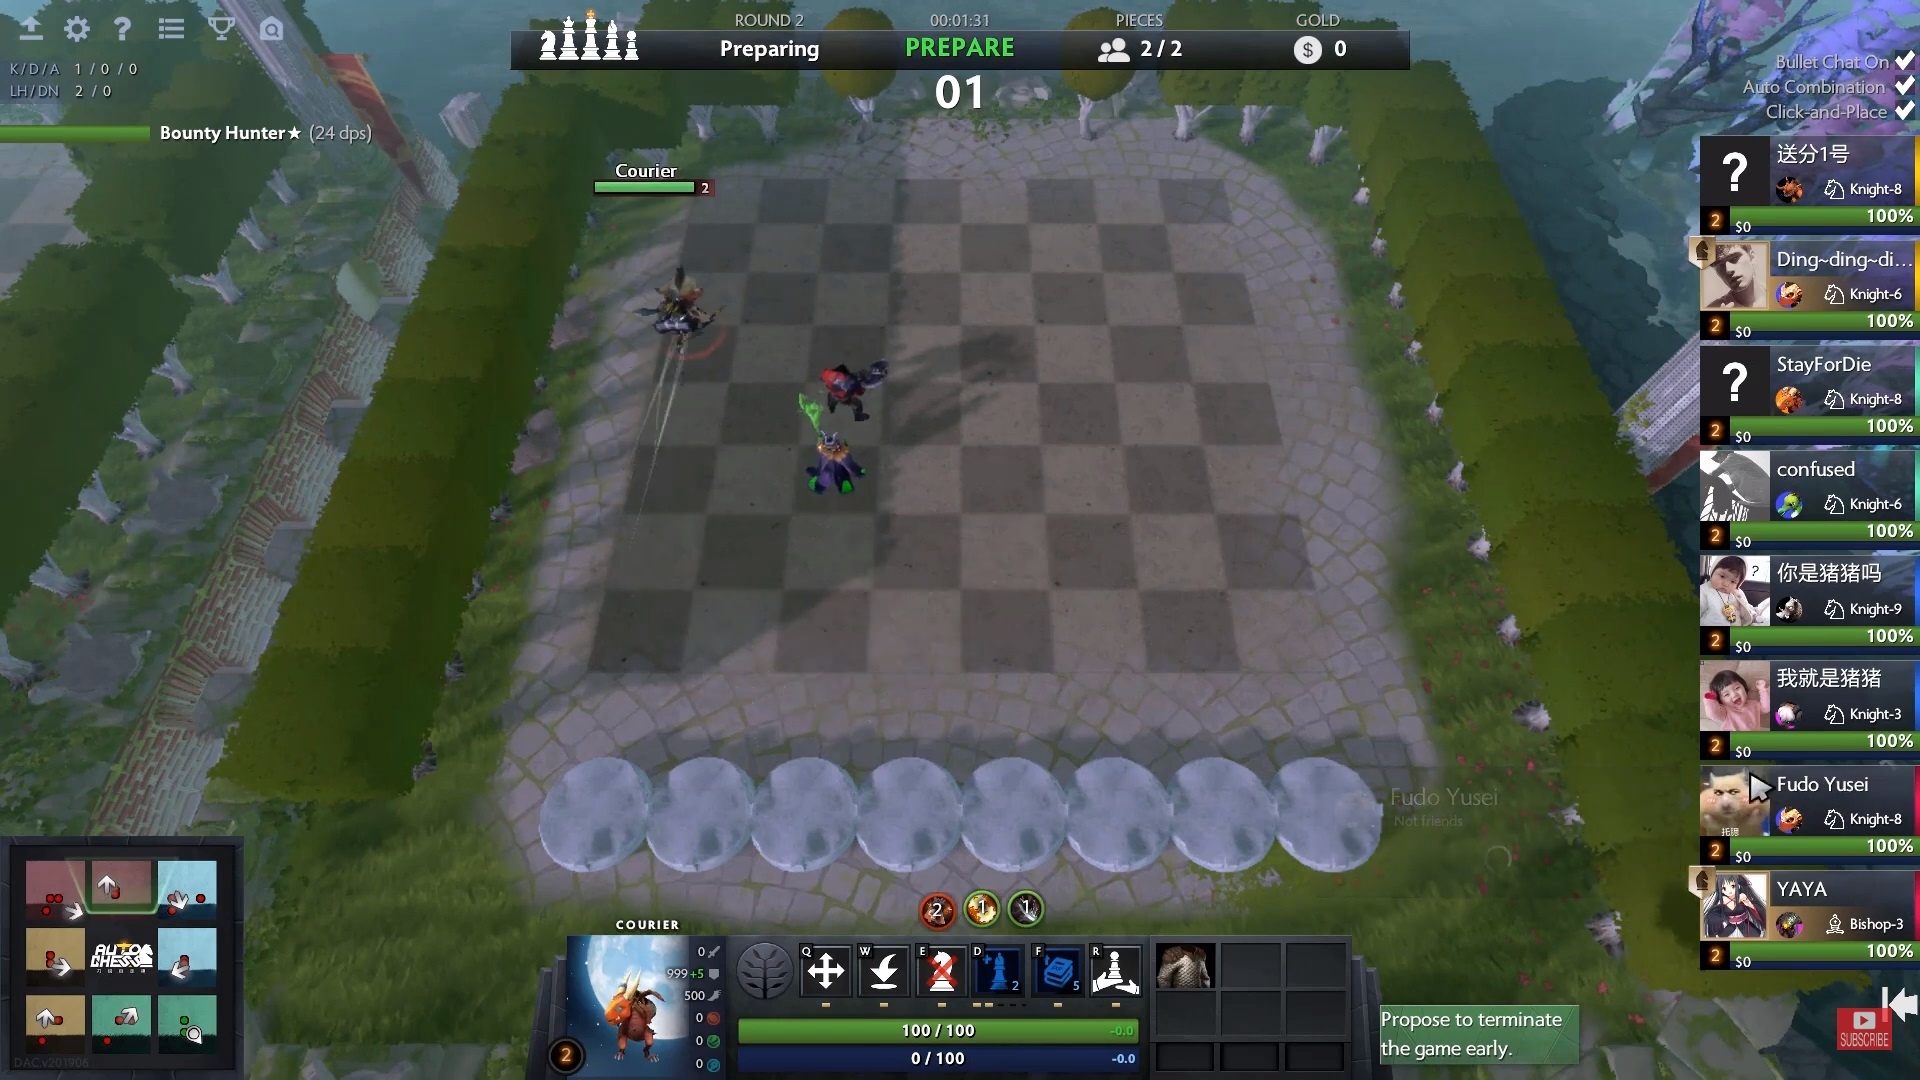 f5 - [Dota Auto Chess] Cập nhật ngày 13/7: Item mới cùng với chế độ mới được ra mắt!